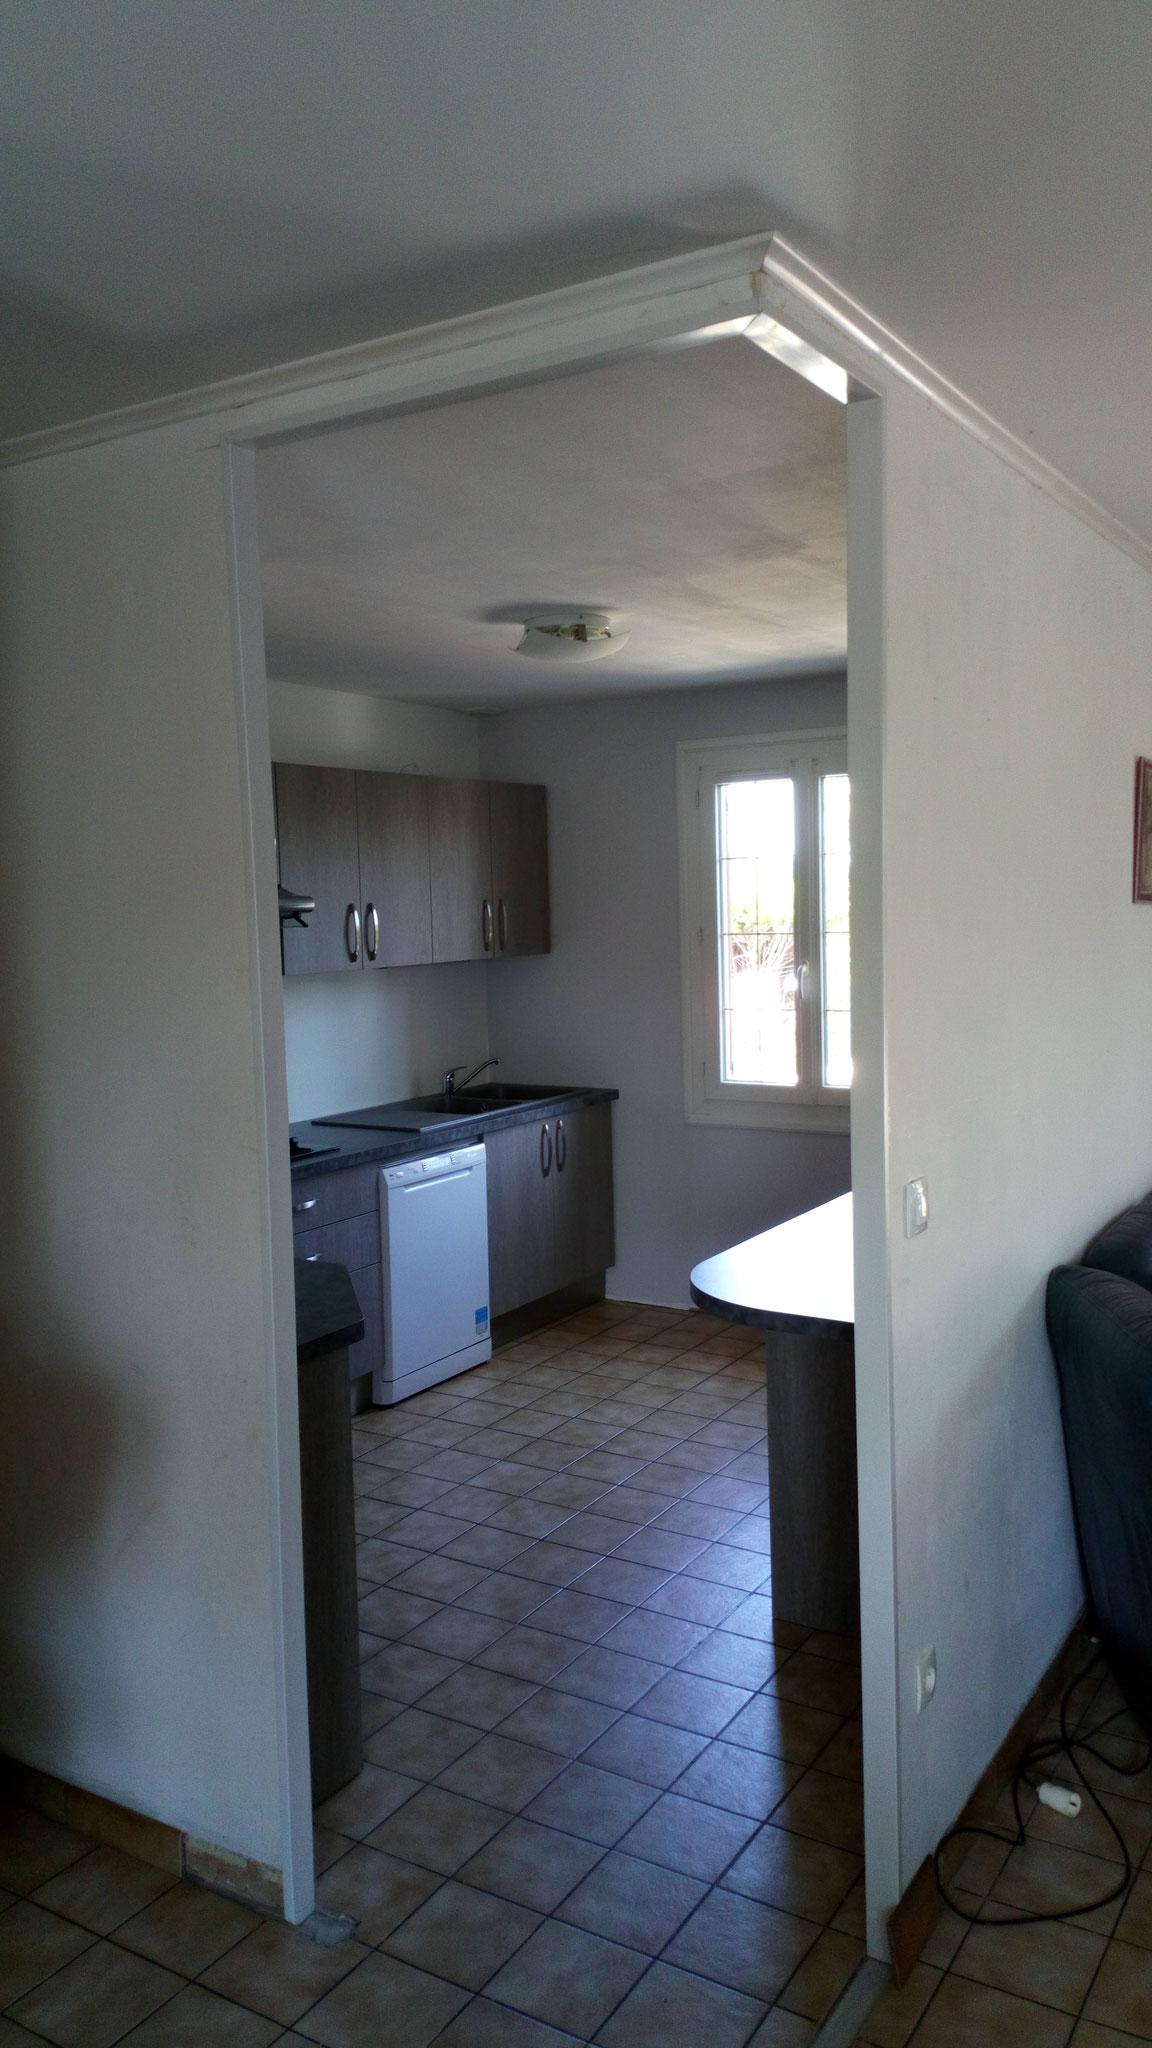 Enlèvement d'une porte et ouverture dans la cloison pour accéder à la cuisine équipée